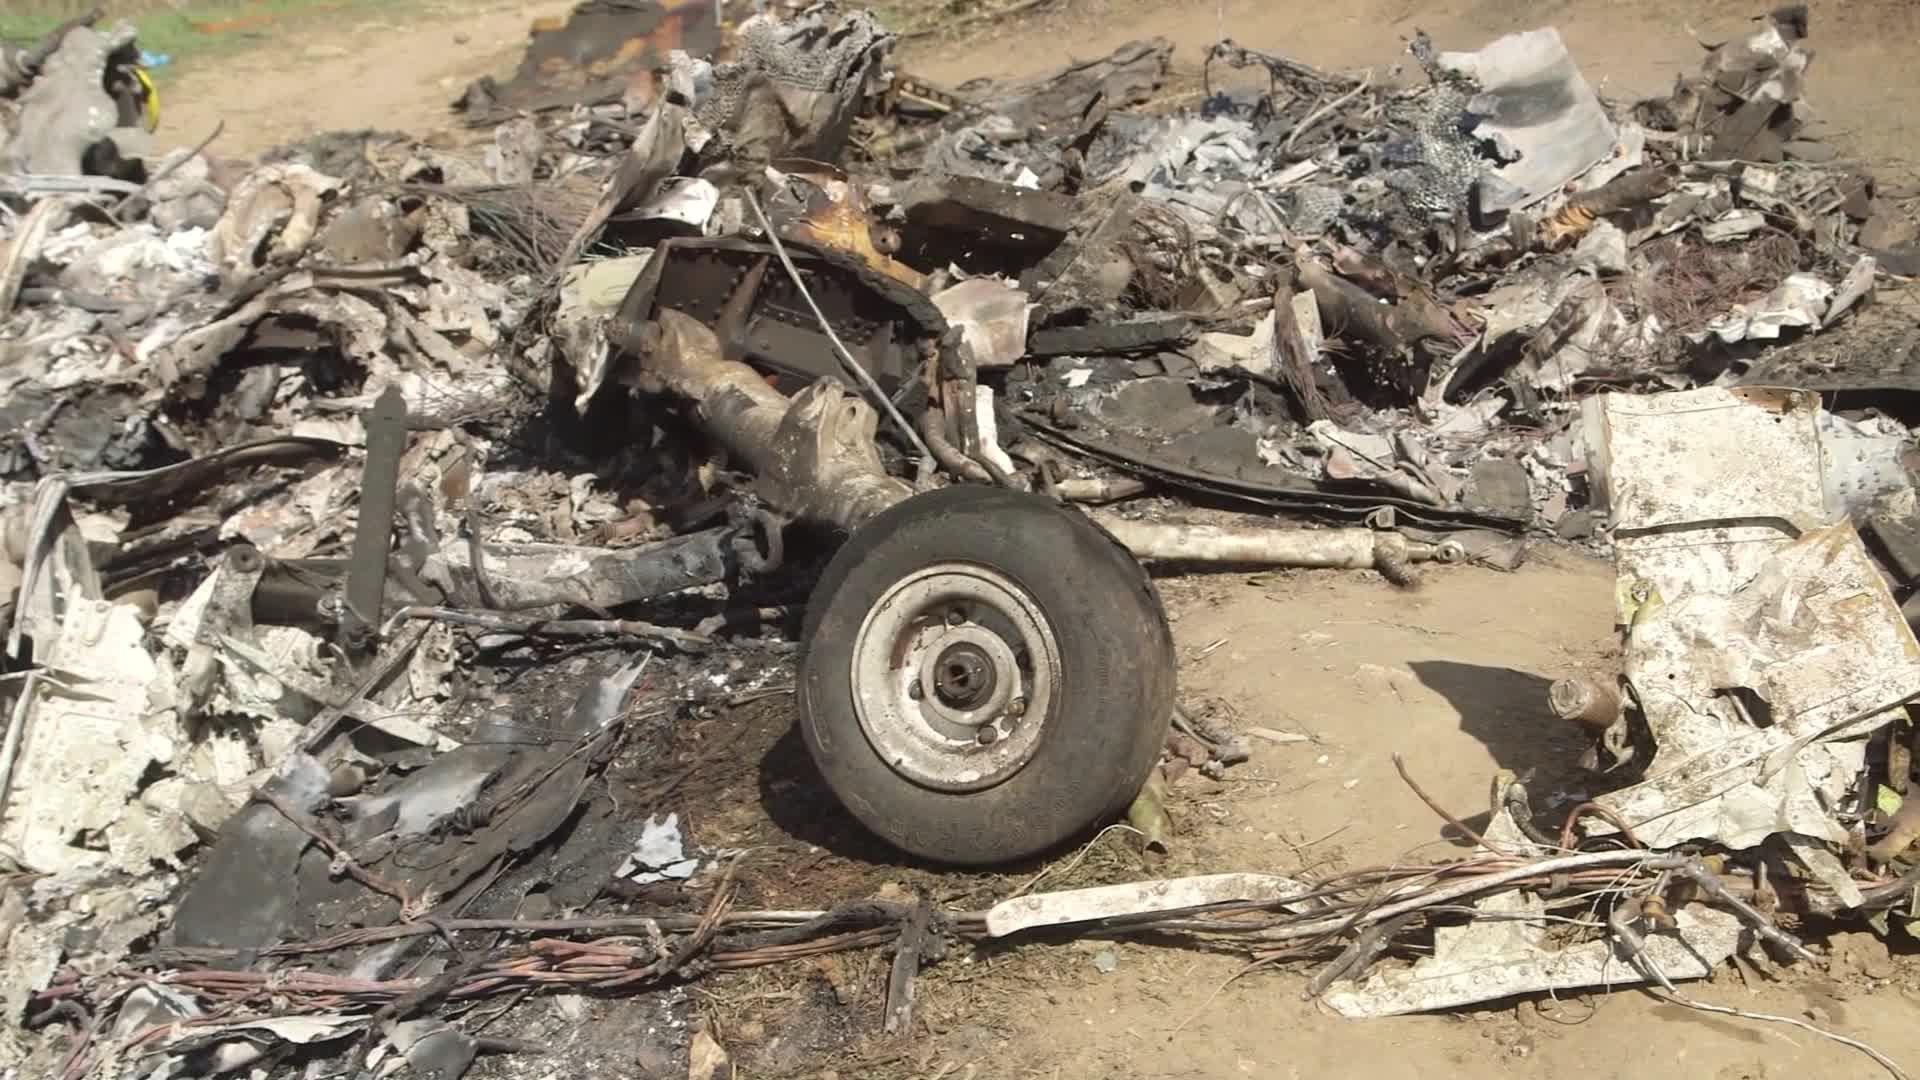 Destroços do helicóptero em acidente de Kobe Bryant